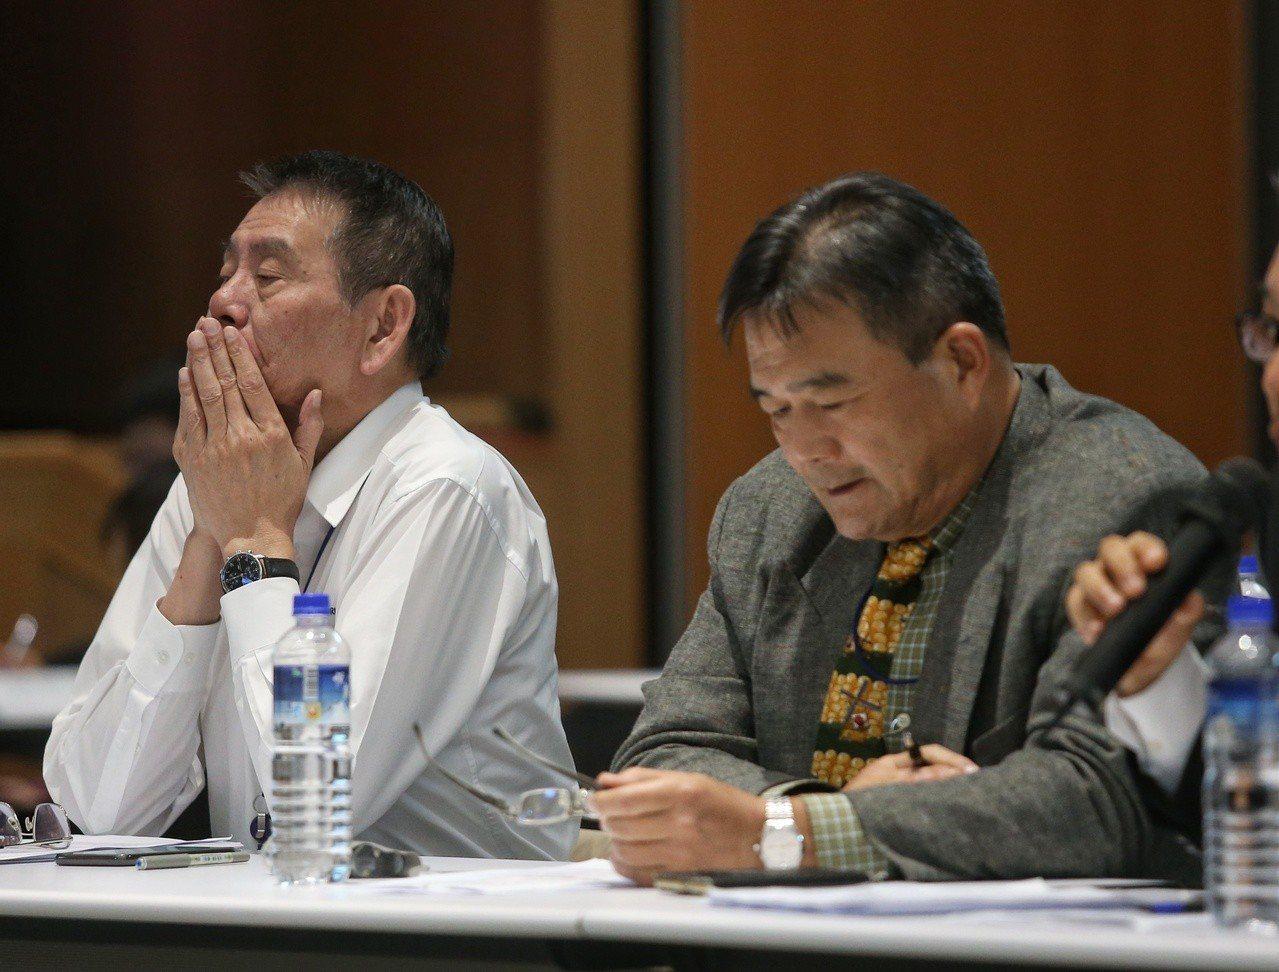 華航通宵勞資協商,華航總經理謝世謙(左)面露疲態。 記者鄭清元/攝影